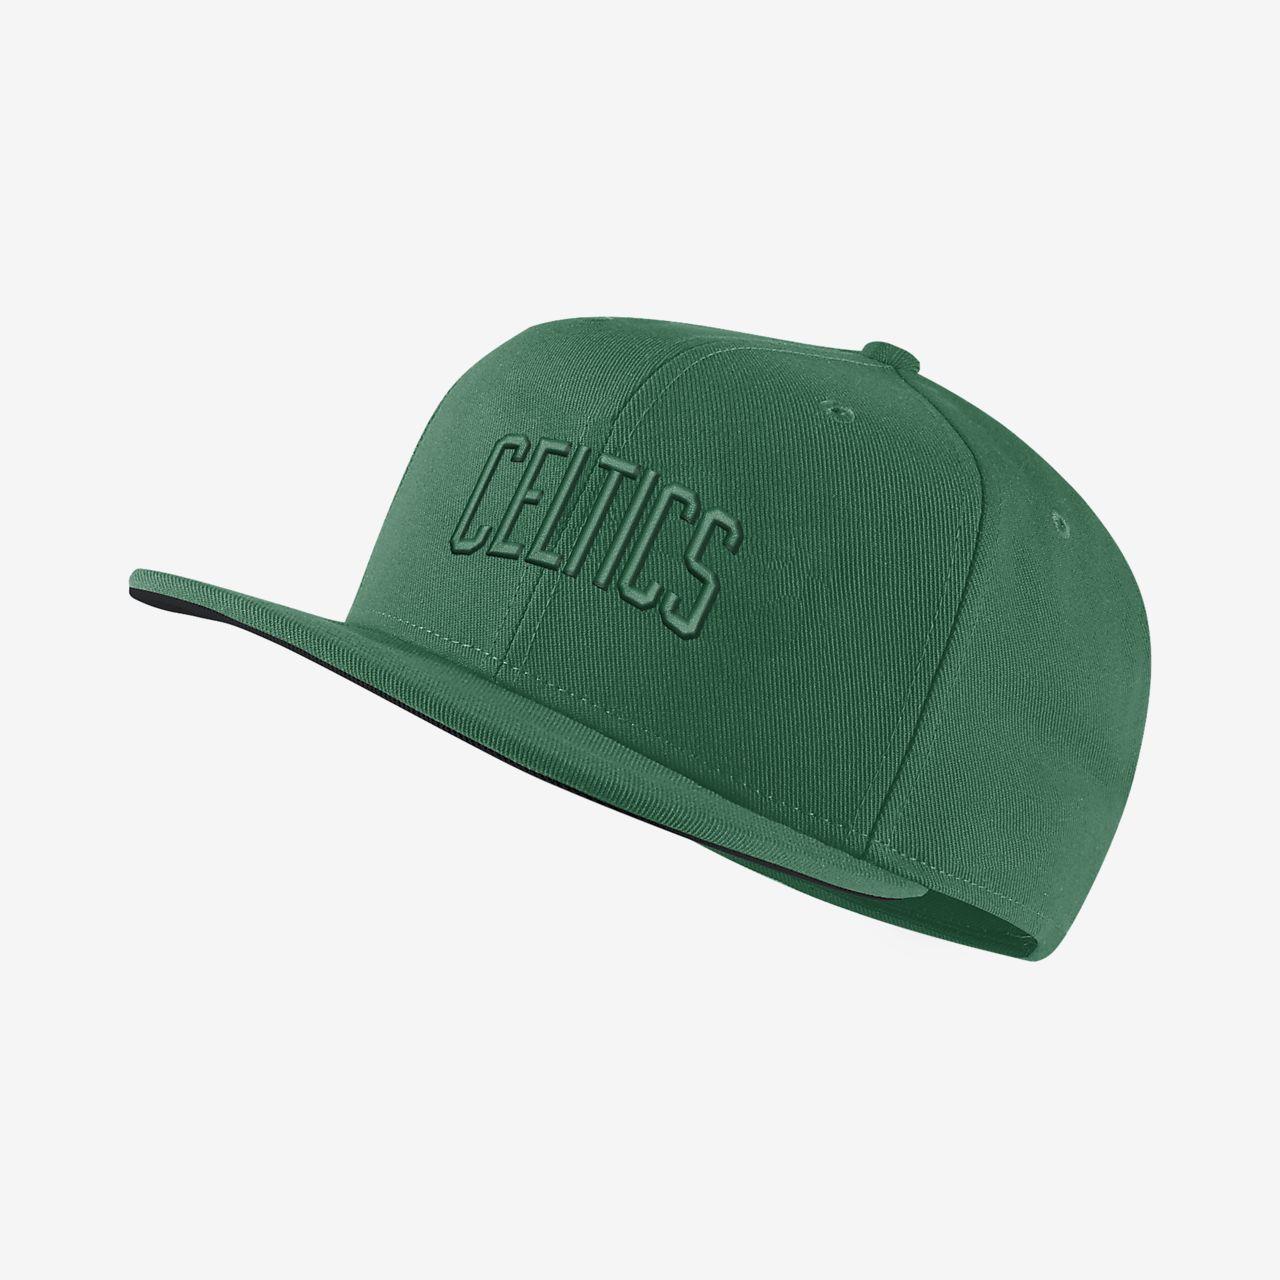 Casquette NBA Boston Celtics Nike AeroBill